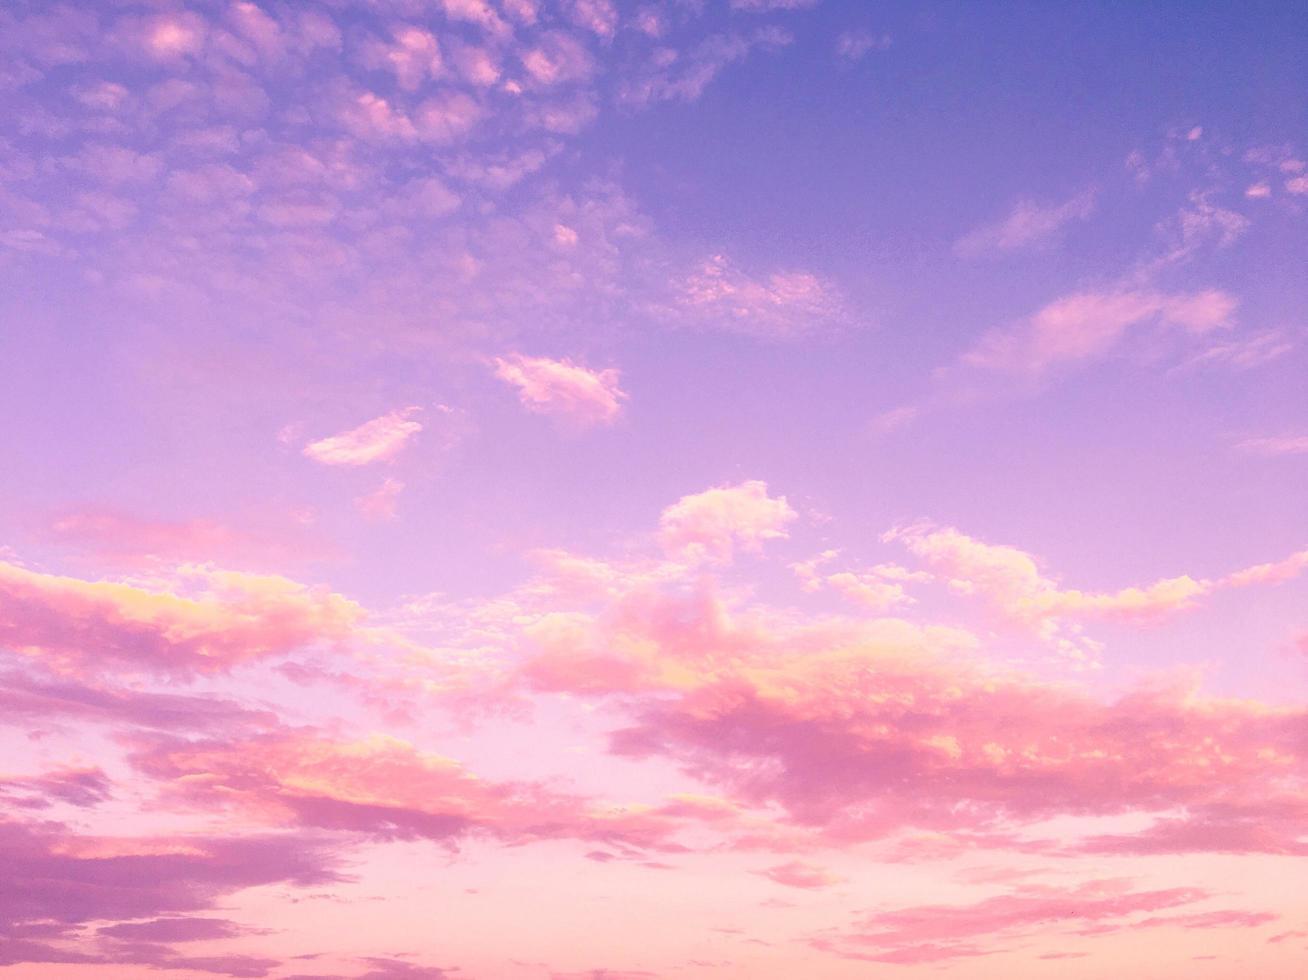 nuages roses et ciel bleu violet photo